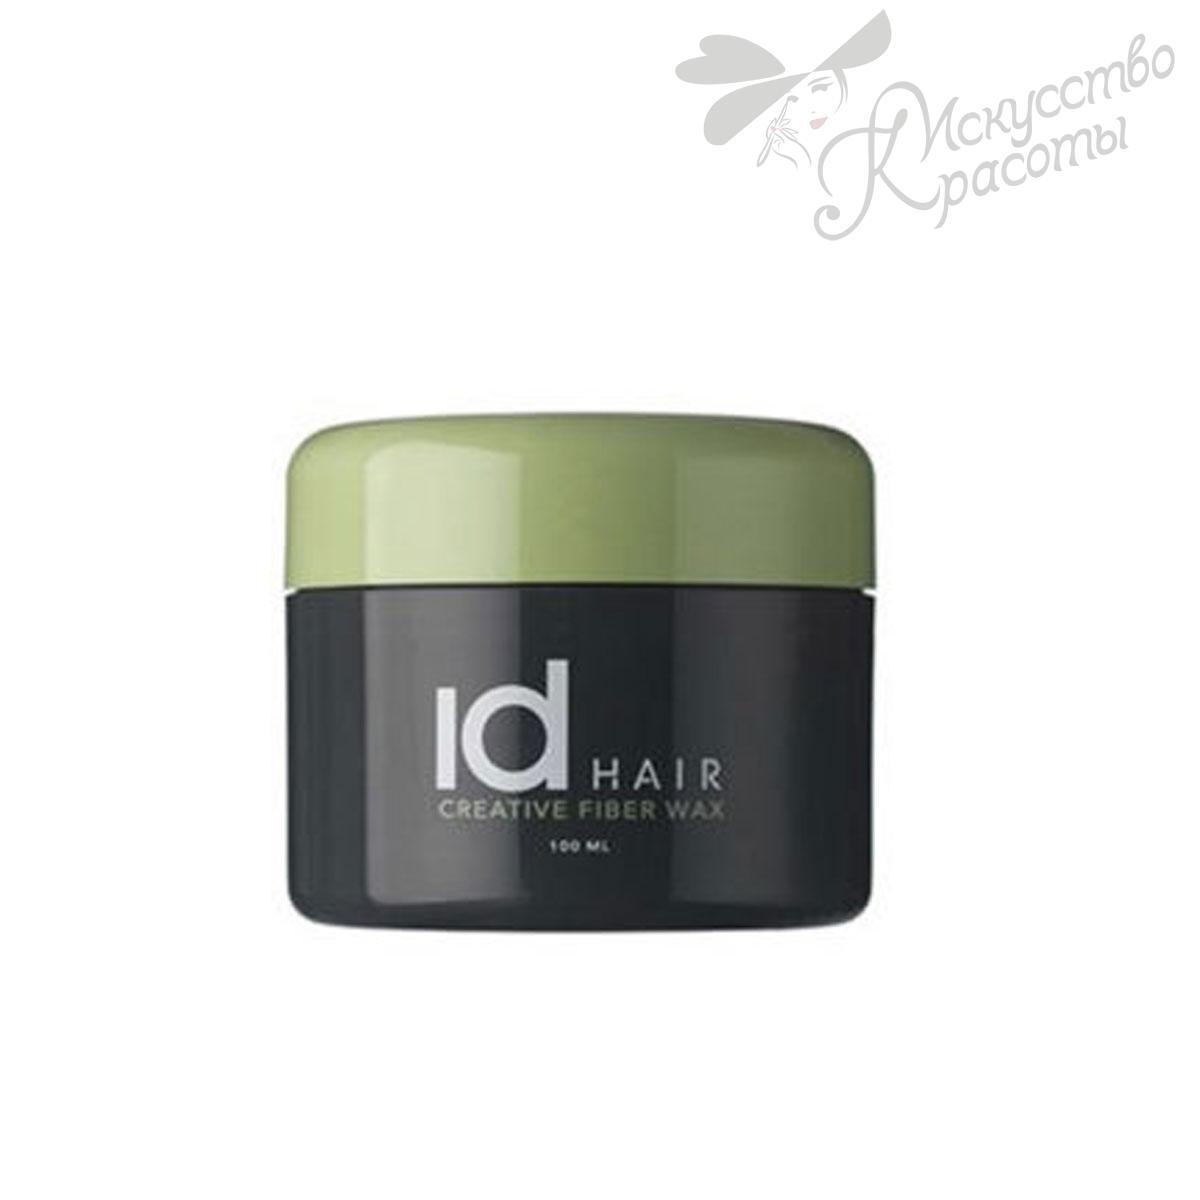 Воск для стайлинга сильной фиксации ID Hair Creative Fiber Wax 100 мл